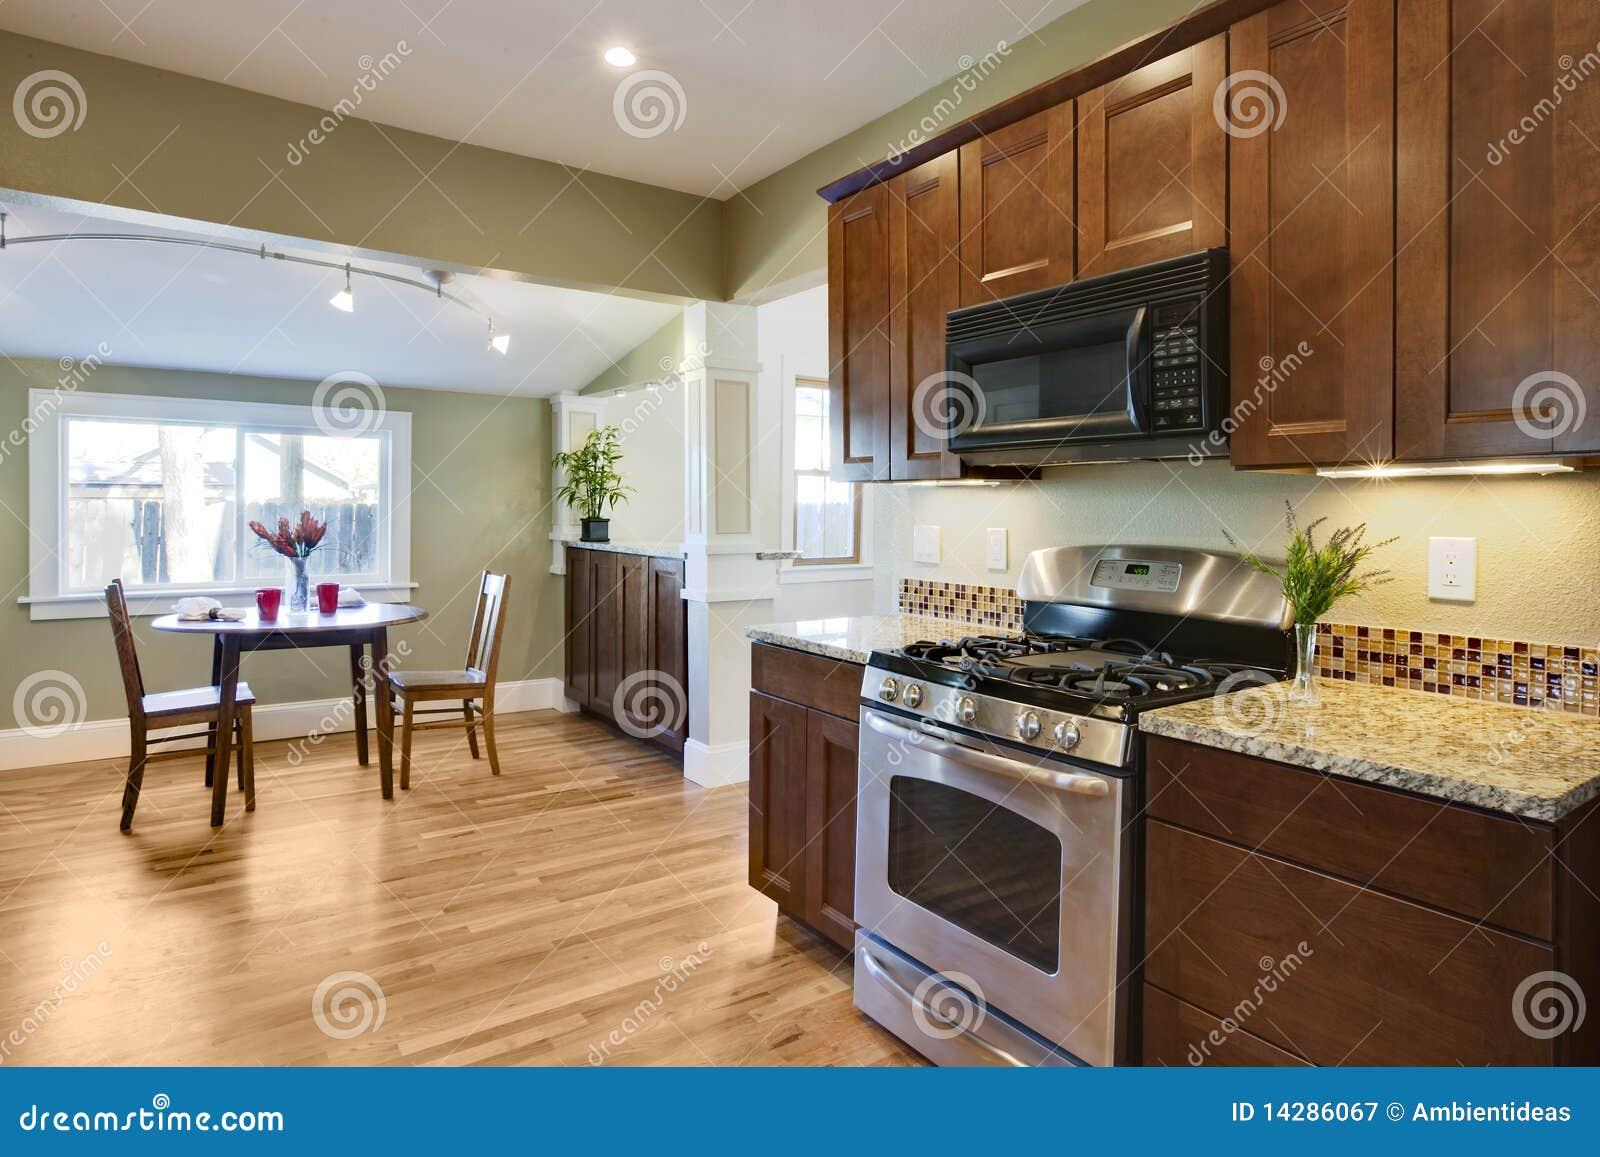 Günstiger Fußboden Küche ~ Gestalten sie küche mit hölzernem bodenbelag um stockbild bild